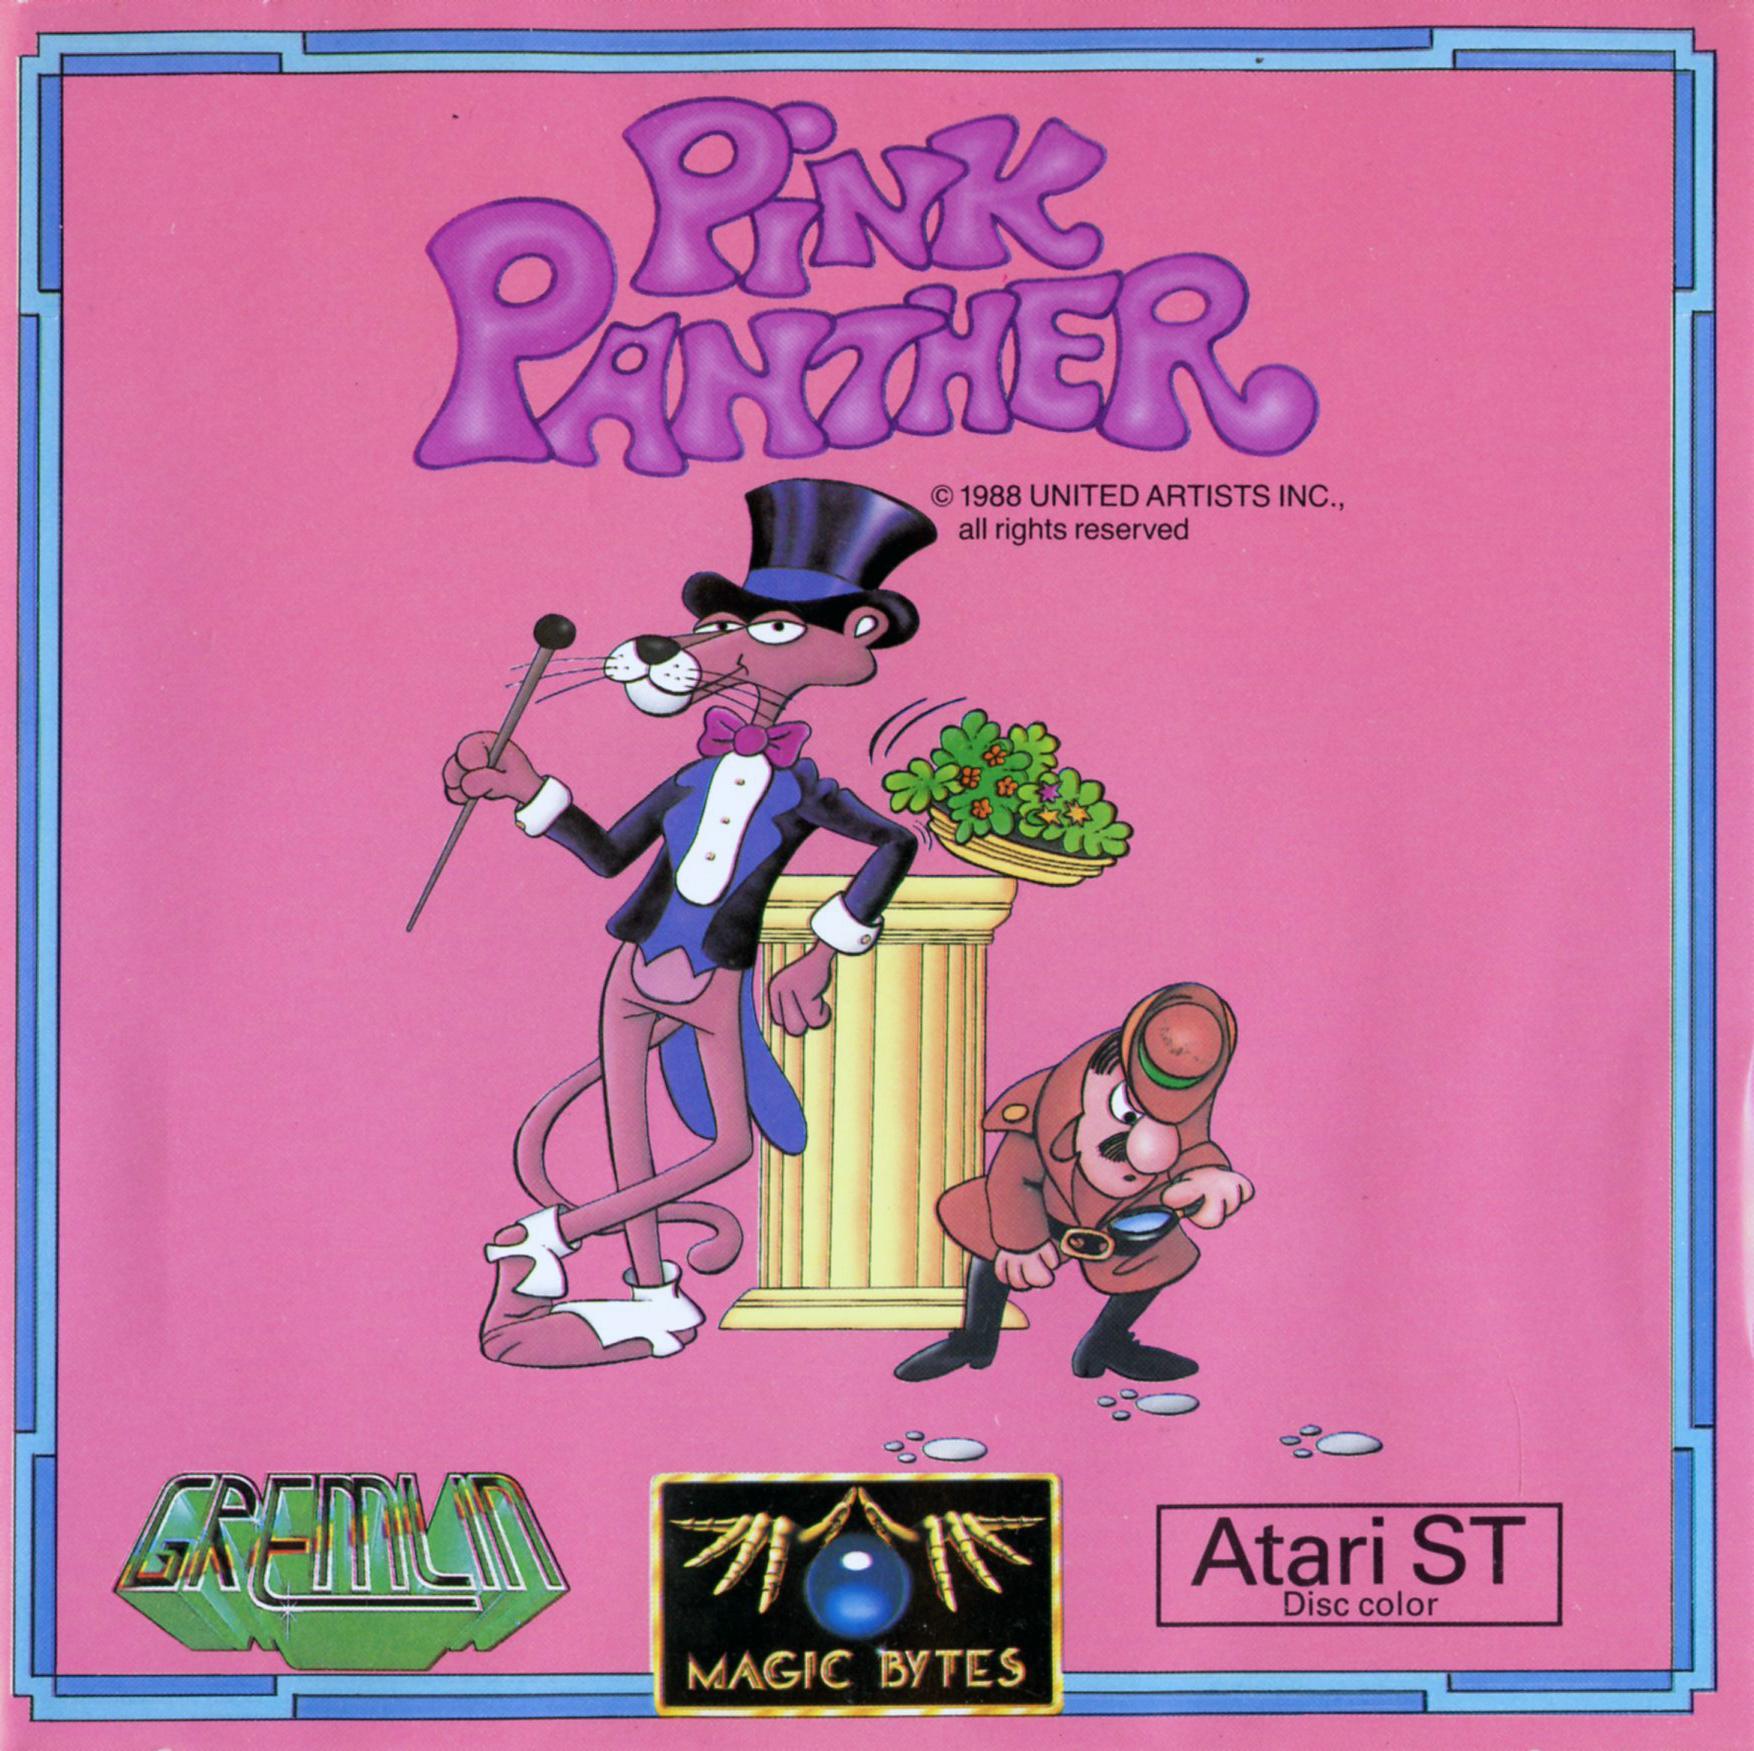 Pink Panther (Atari ST)